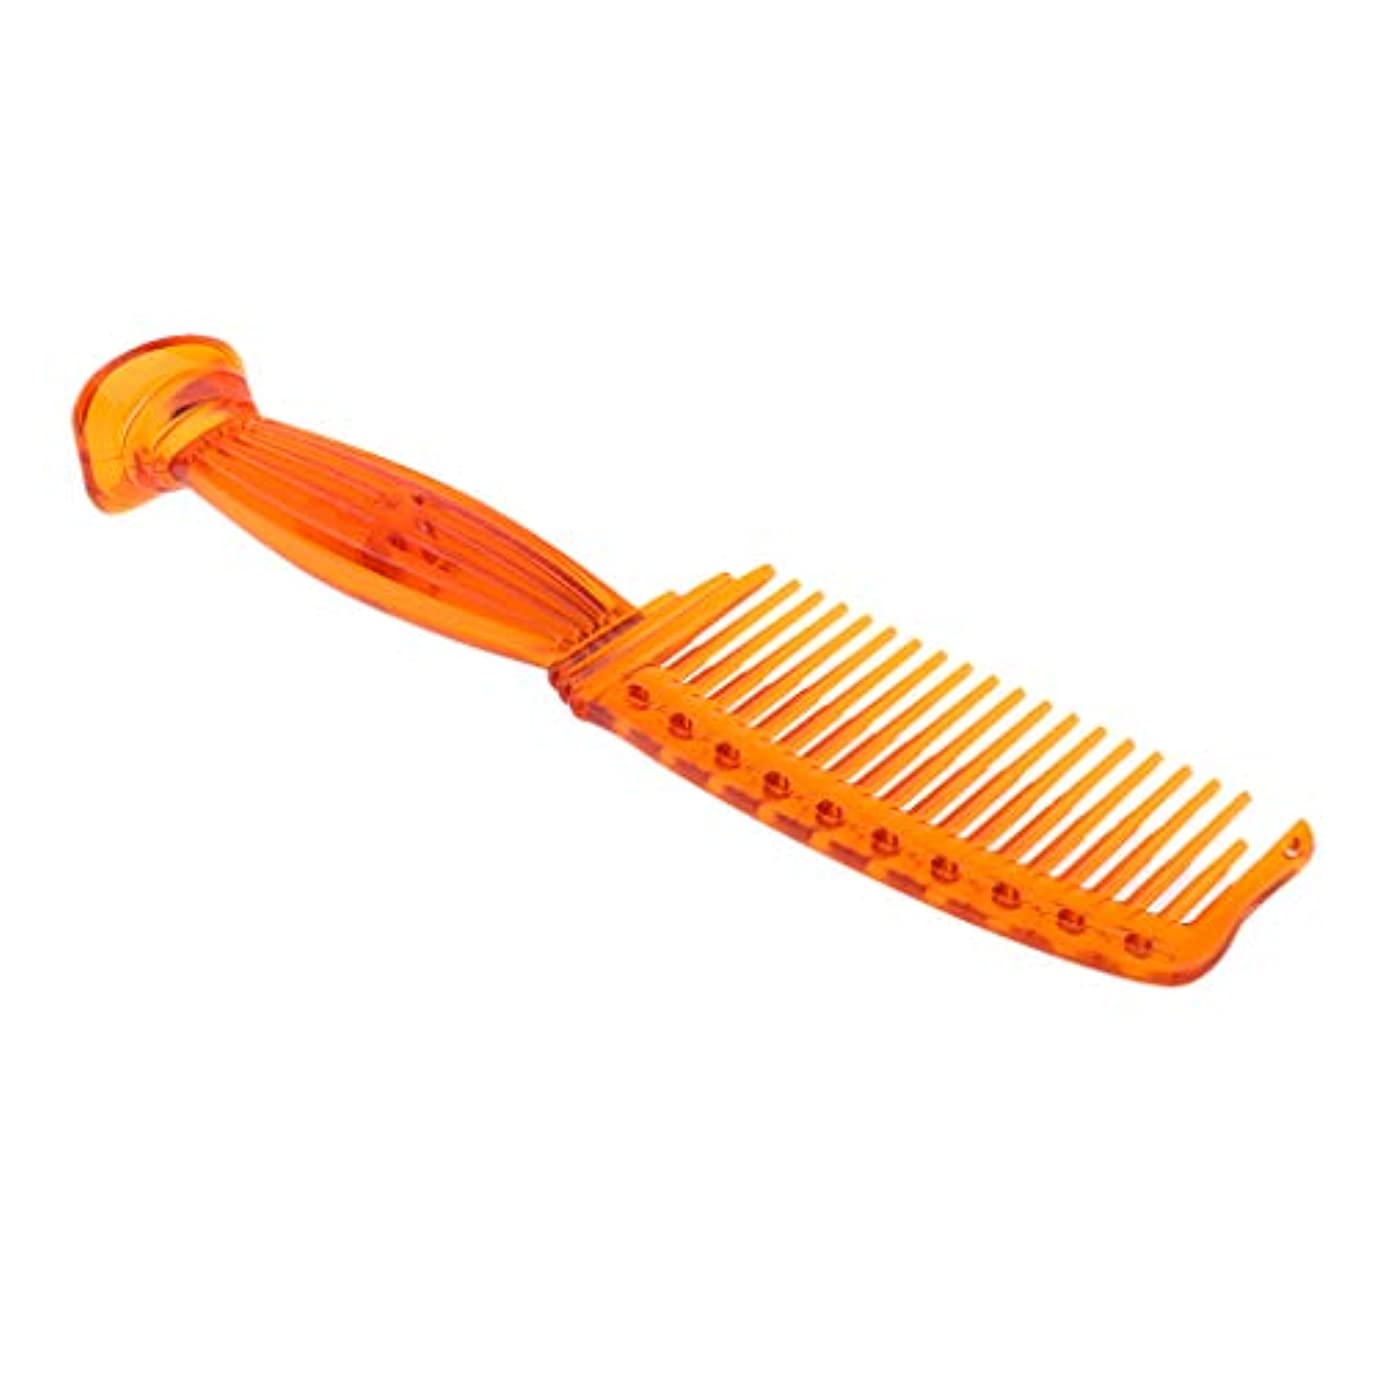 準備するからに変化する引き出しSM SunniMix ヘアコーム ヘアブラシ ワイド歯 プラスチック プロ ヘアサロン 理髪師 全5色選べ - オレンジ